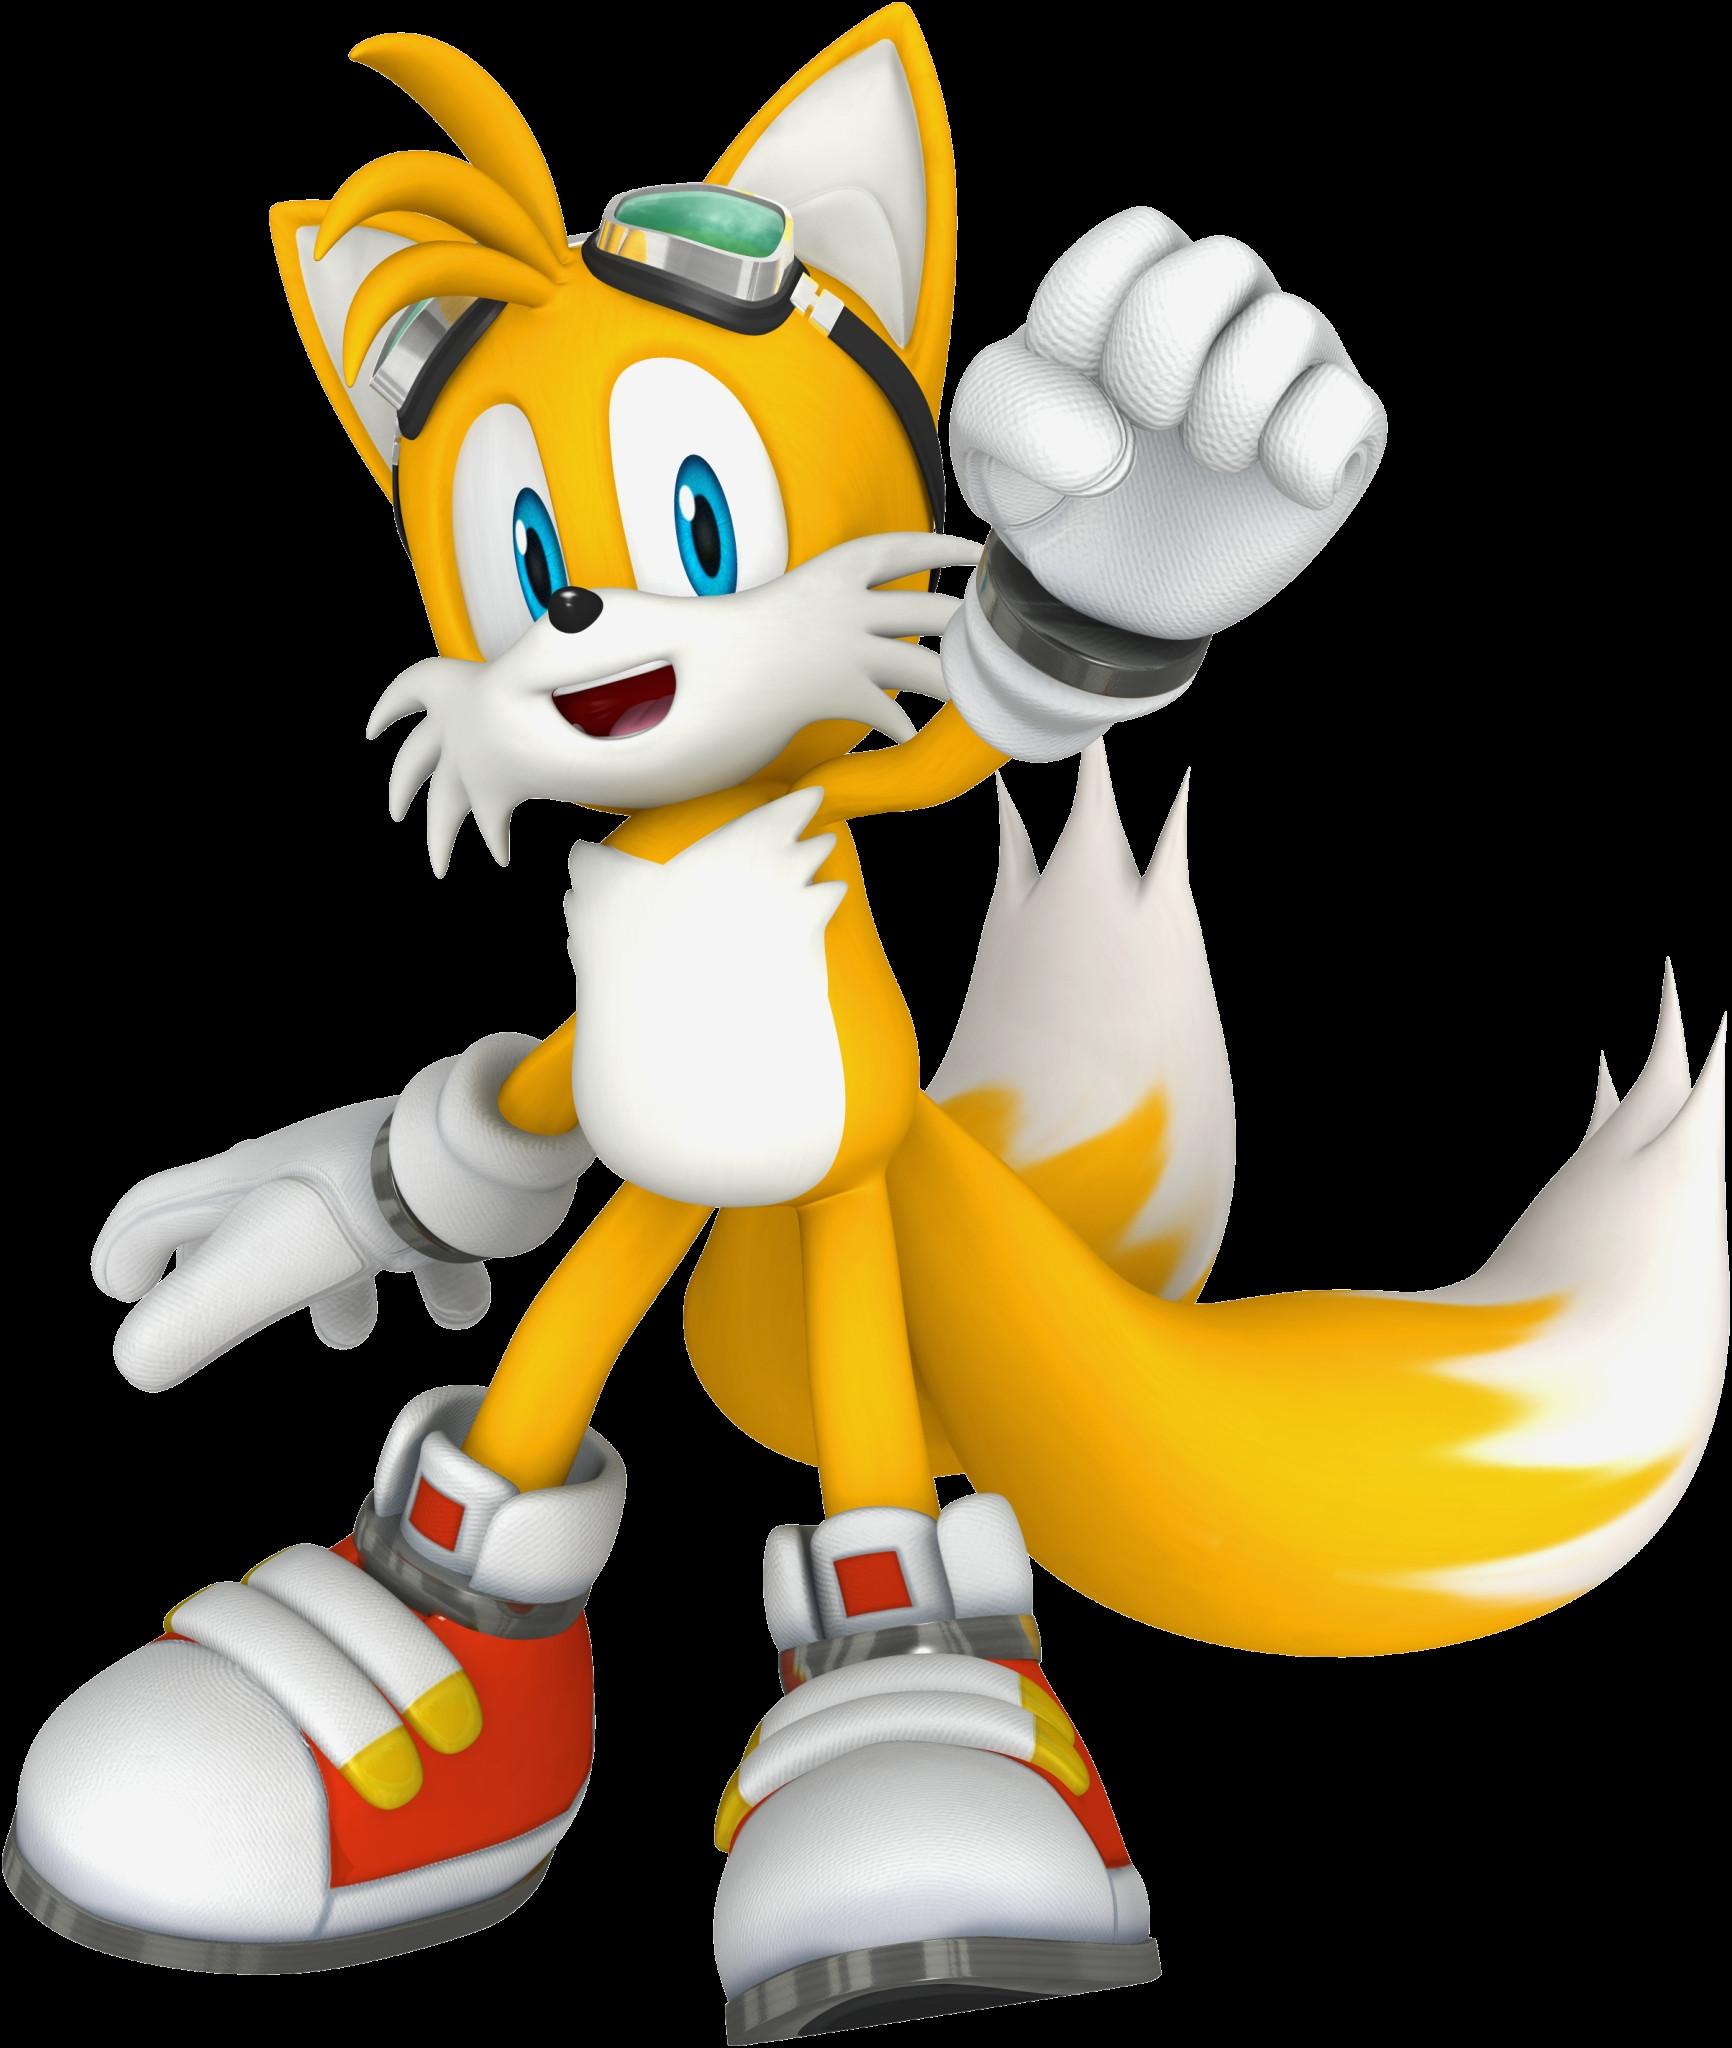 Sonic Zum Ausmalen Neu Spannende Coloring Bilder Ausmalbilder sonic Bild